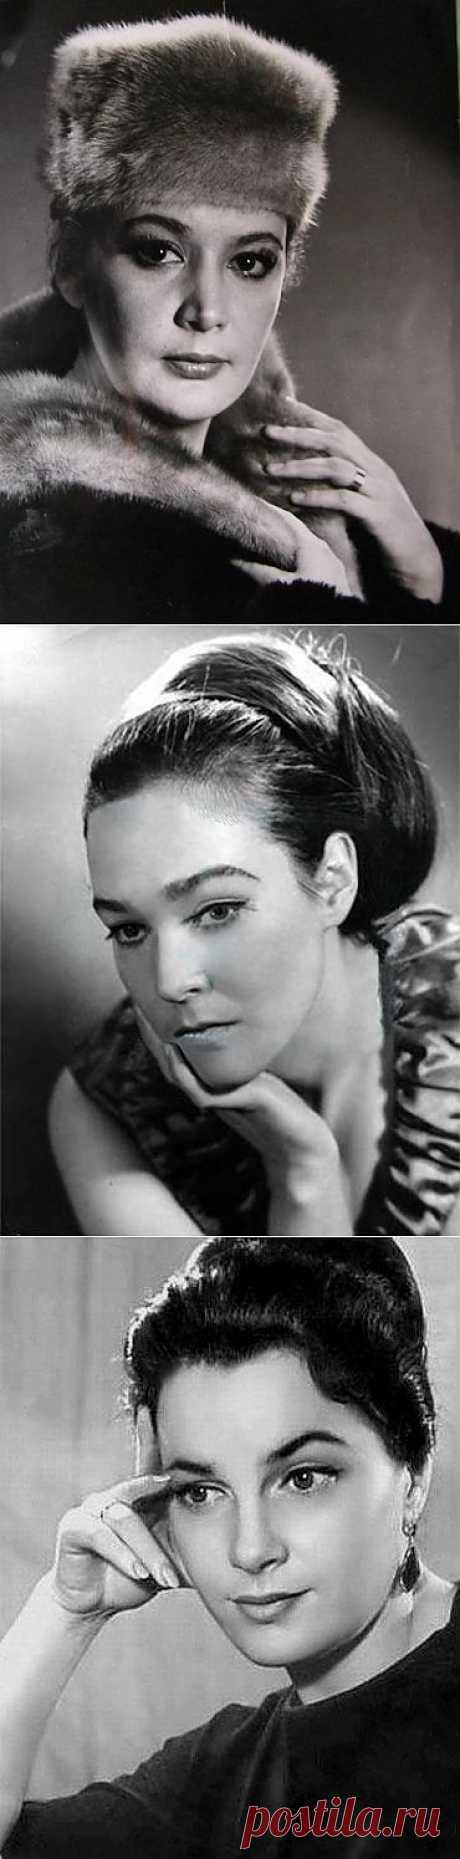 Наш ответ Голливуду! 10 самых красивых советских актрис. | Искусство